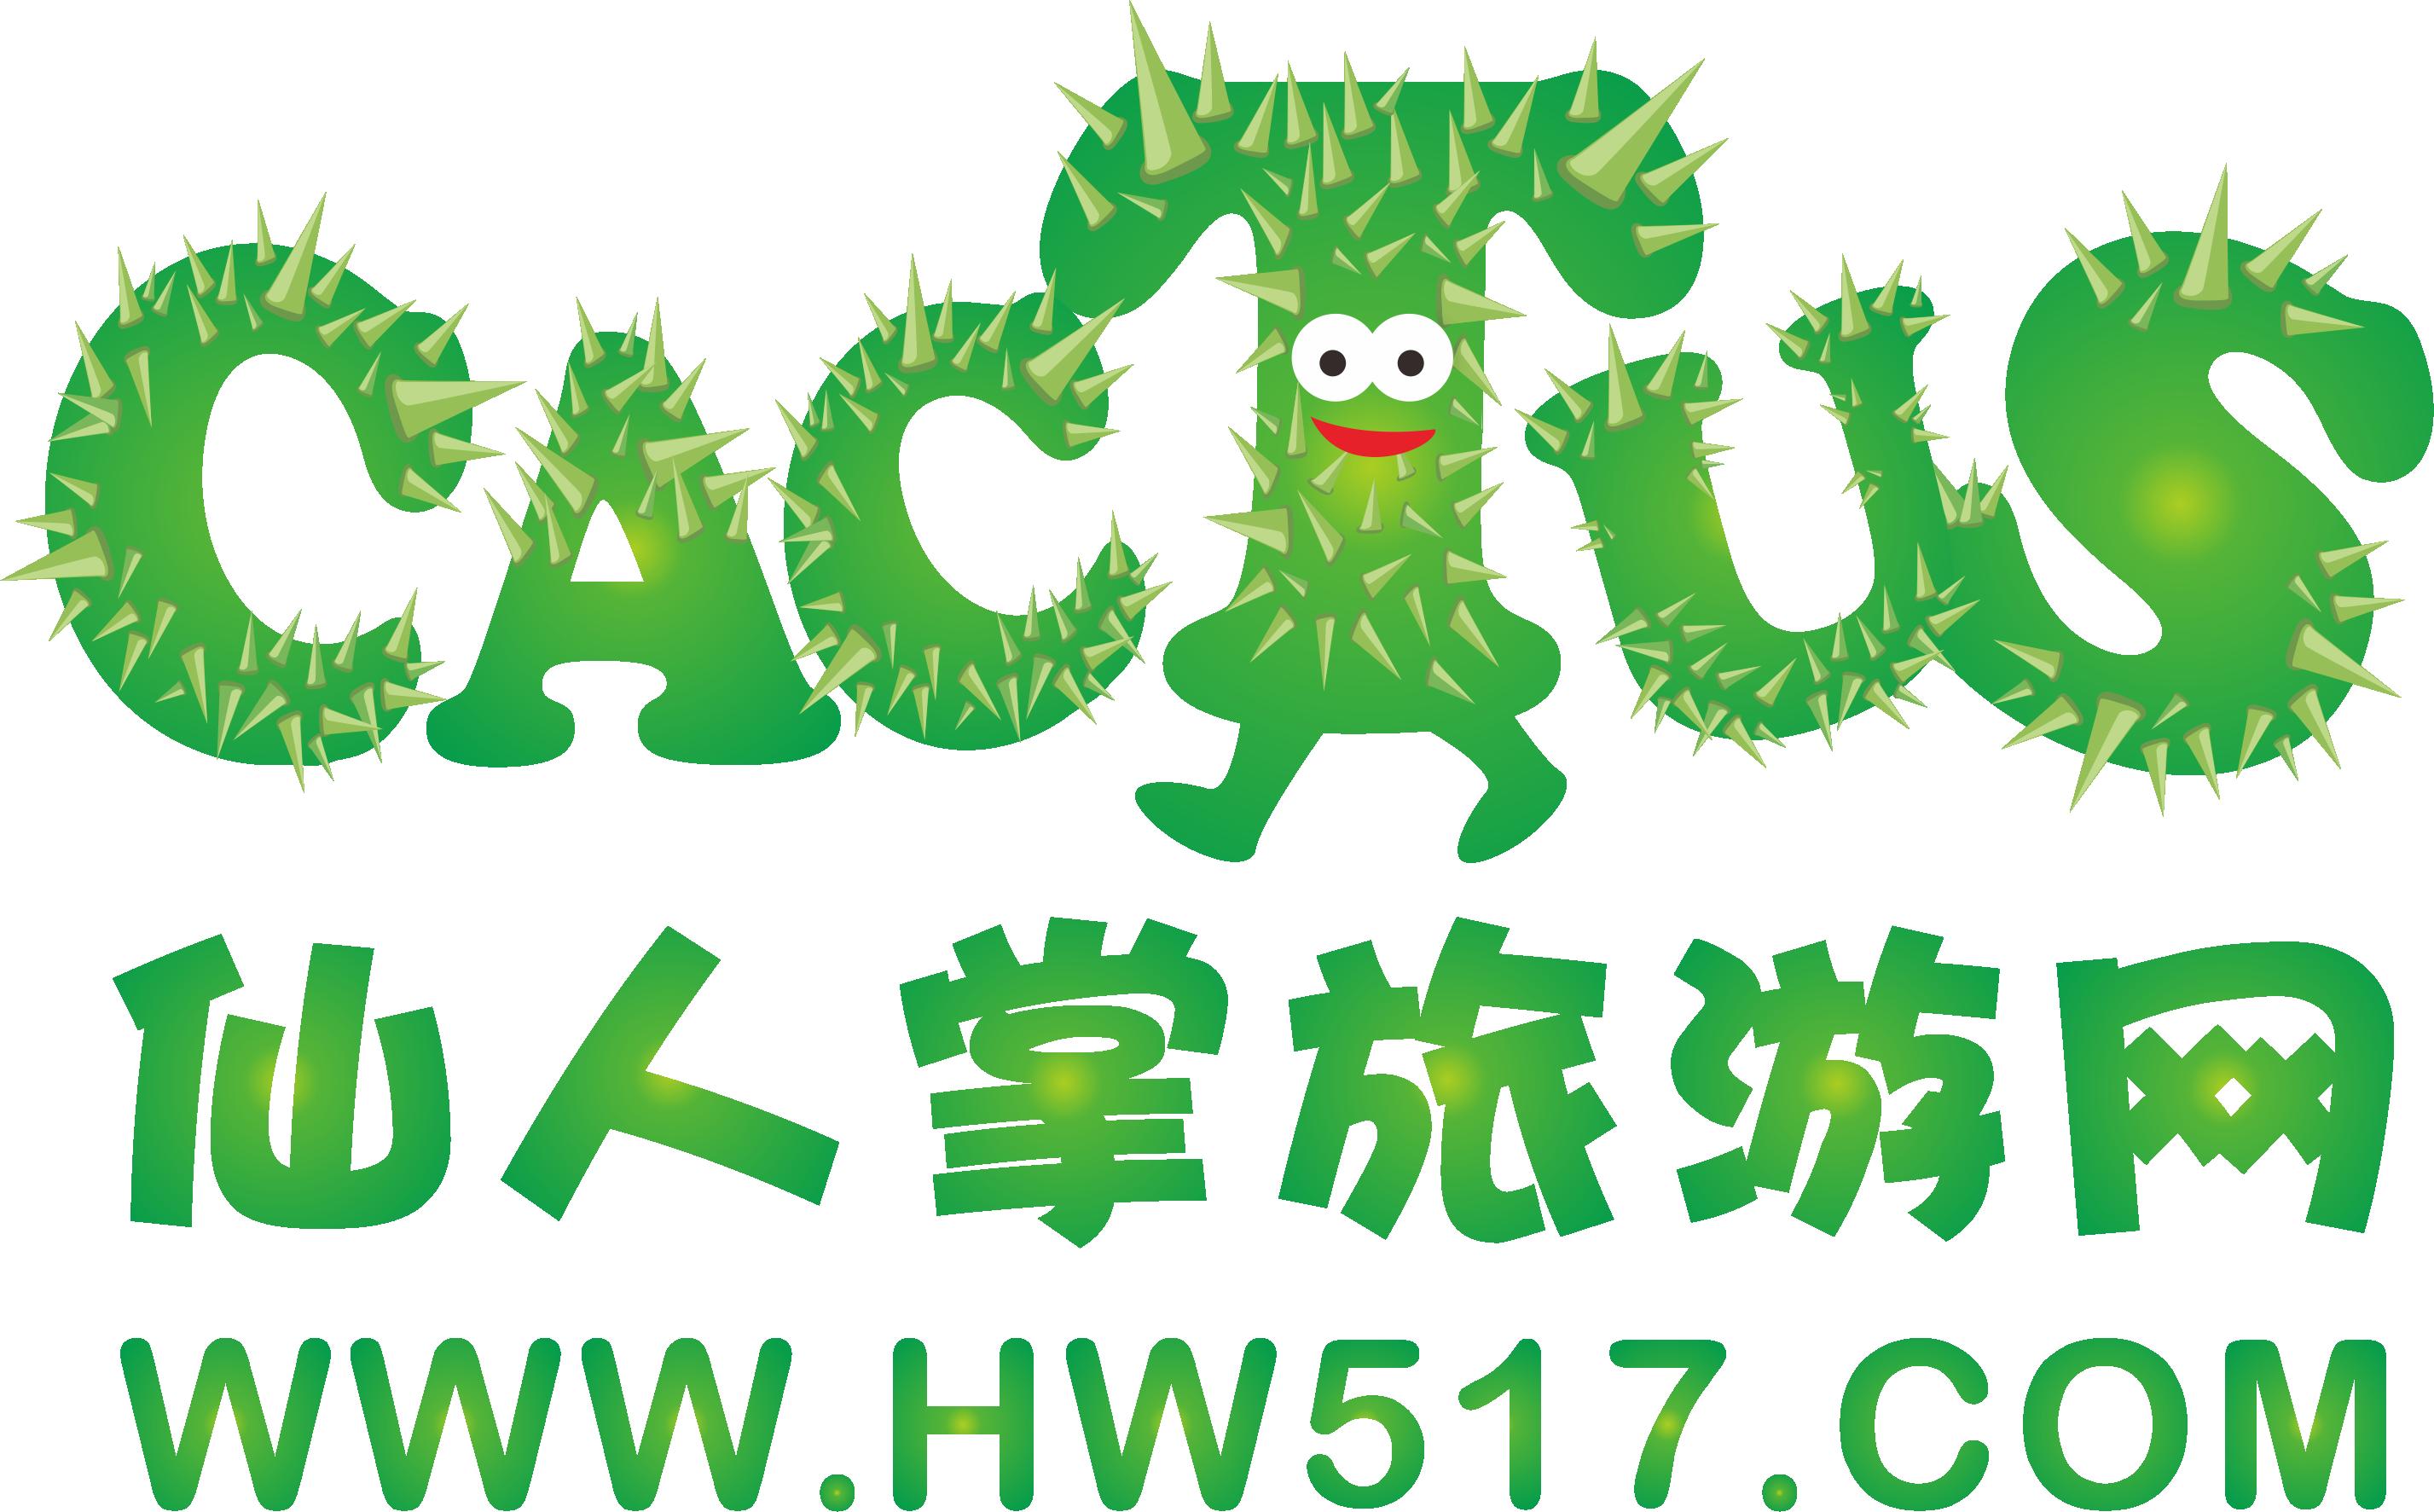 【仙人掌旅游】广东惠州巽寮湾休闲度假双动7日游(2人起发)